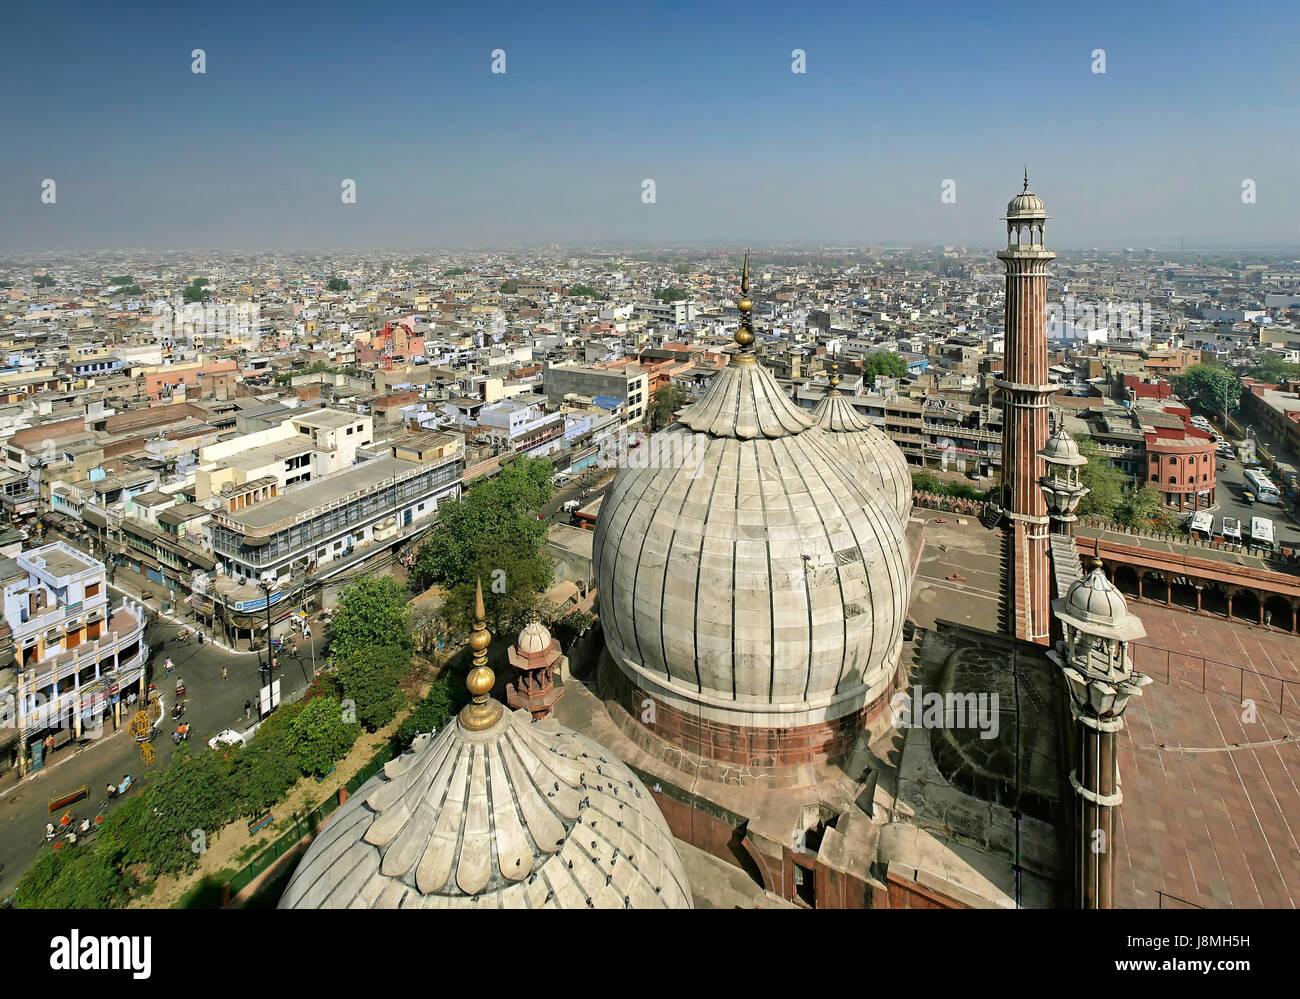 Vue d'un minaret de la mosquée Jama Masjid de Delhi, Inde. Photo Stock